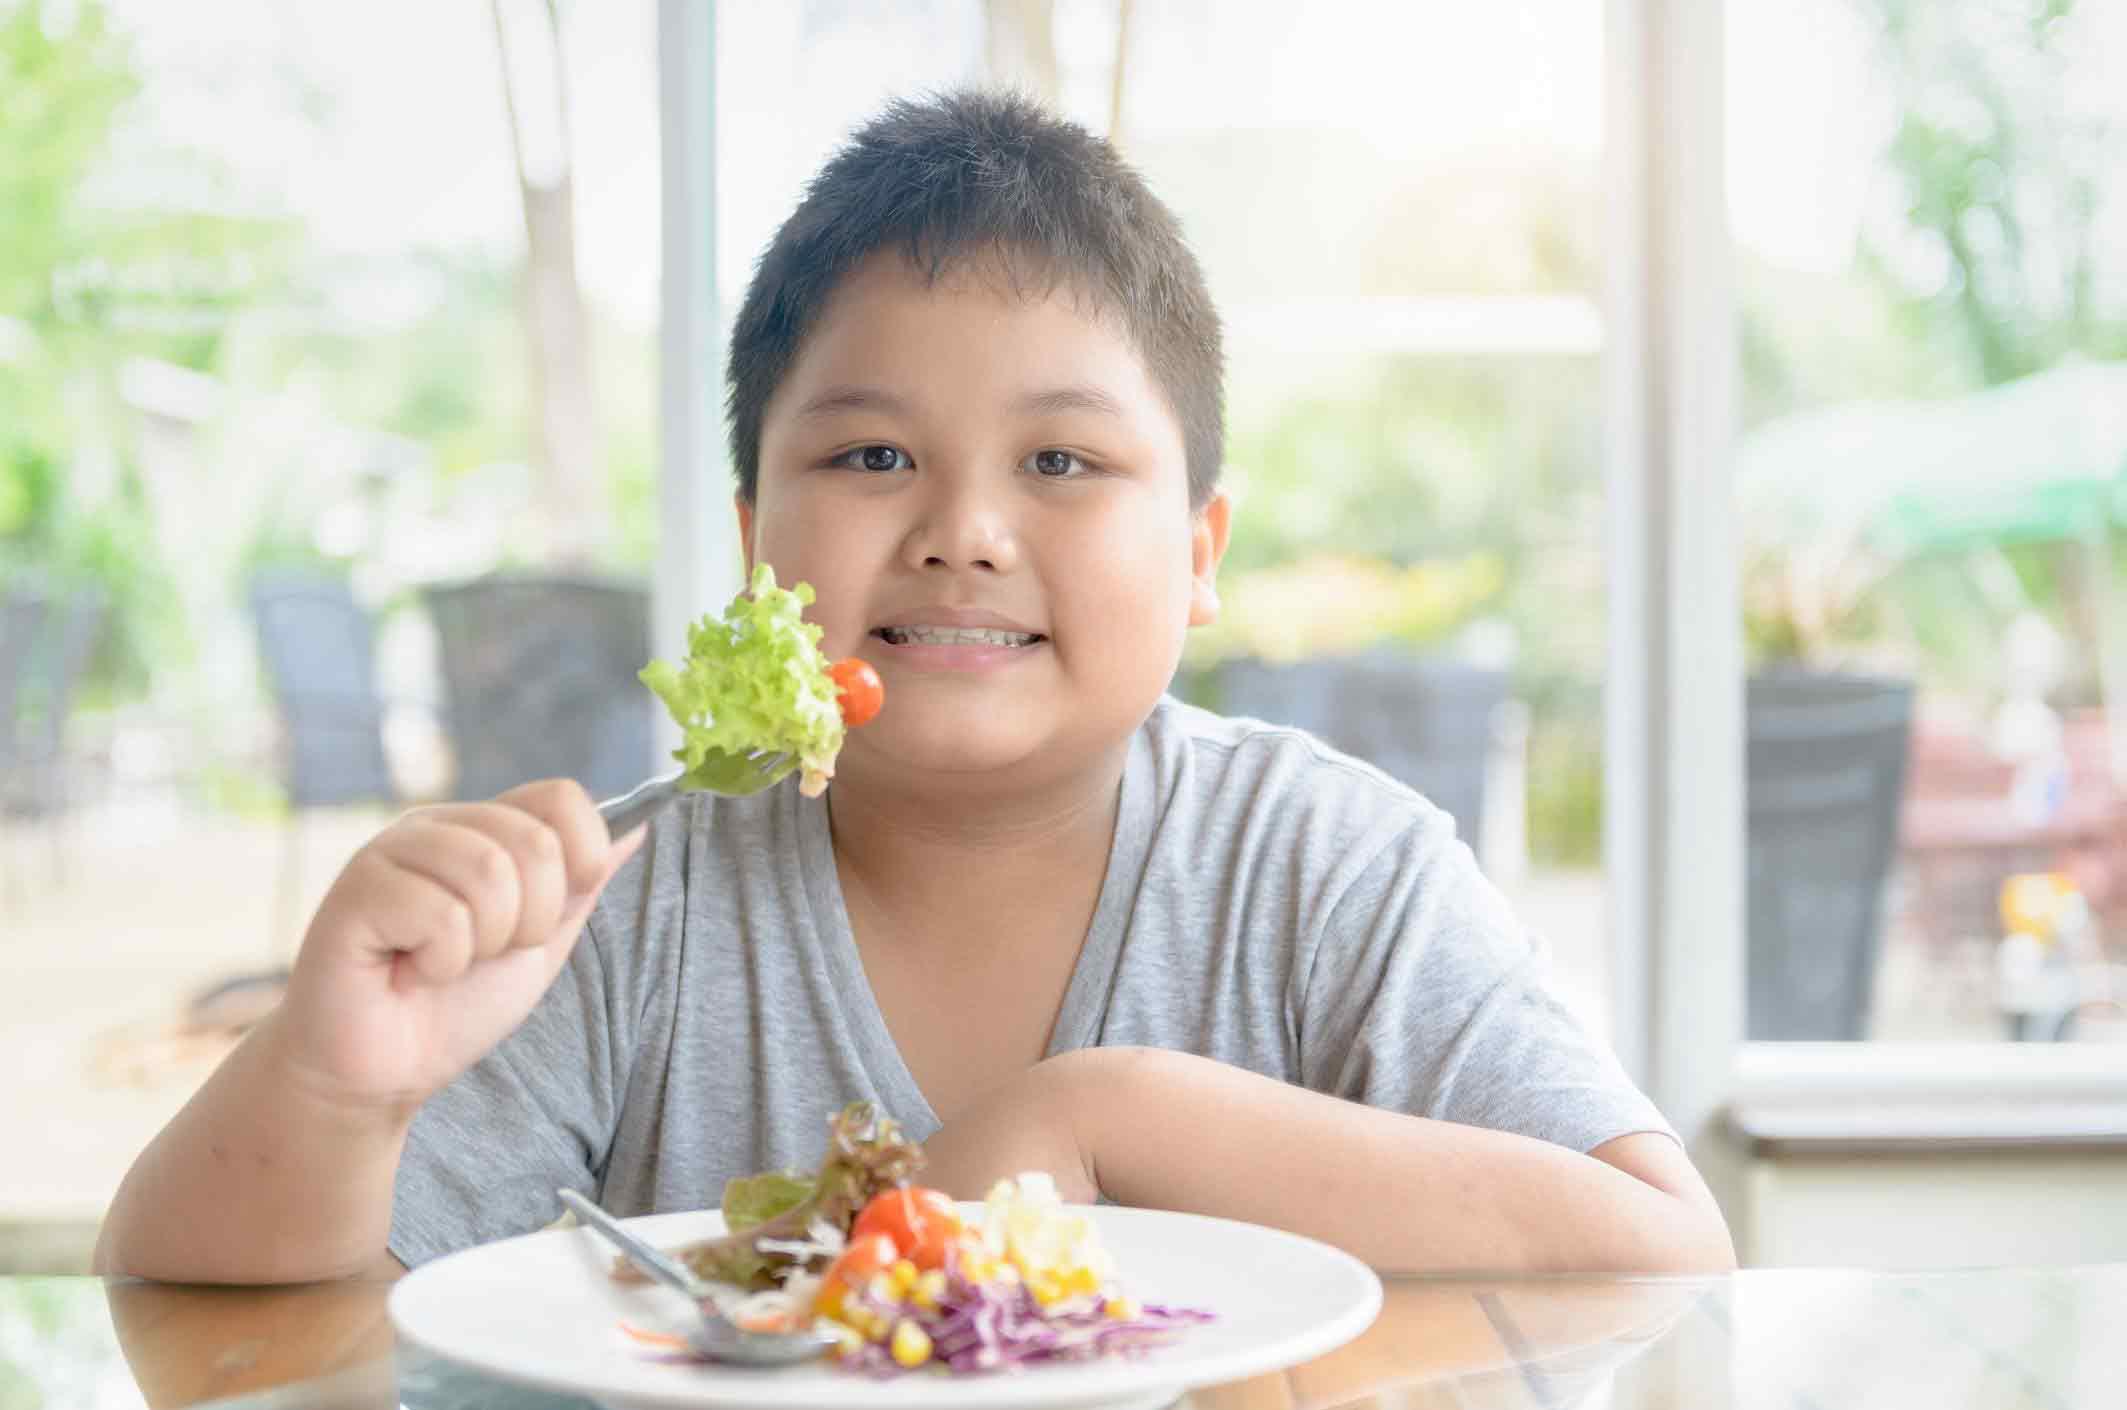 درمان چاقی کودکان | مرکز خدمات پرستاری پارسیان مهرپرور